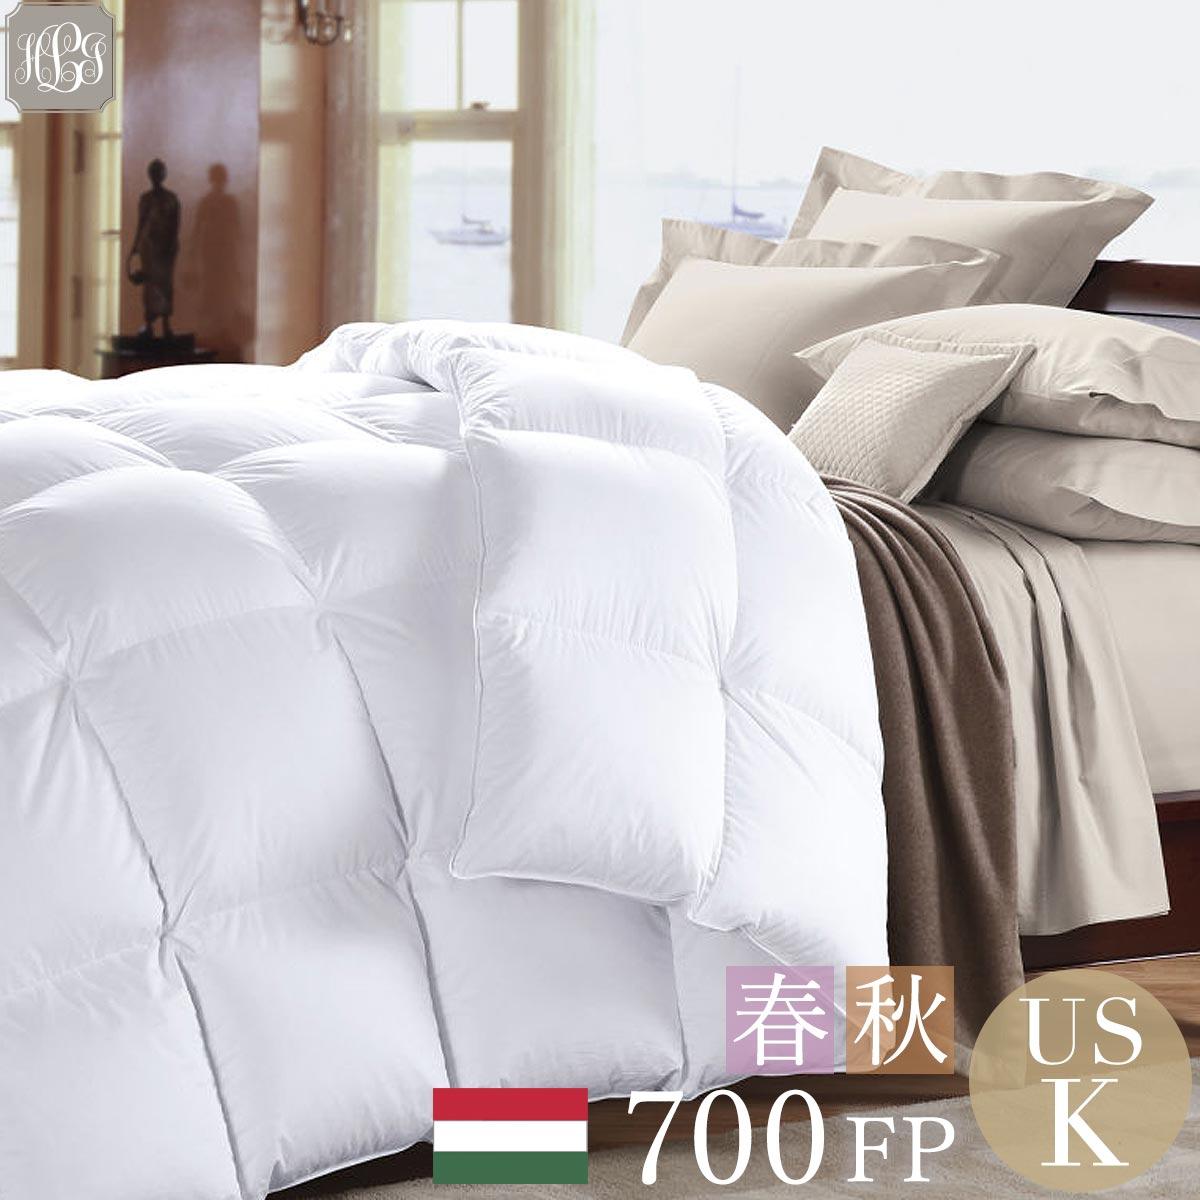 羽毛布団 USキング 270cmx235cm 春秋用 通年使用 700FPハンガリー産ホワイトグースダウン 高級ホテル 超長綿100